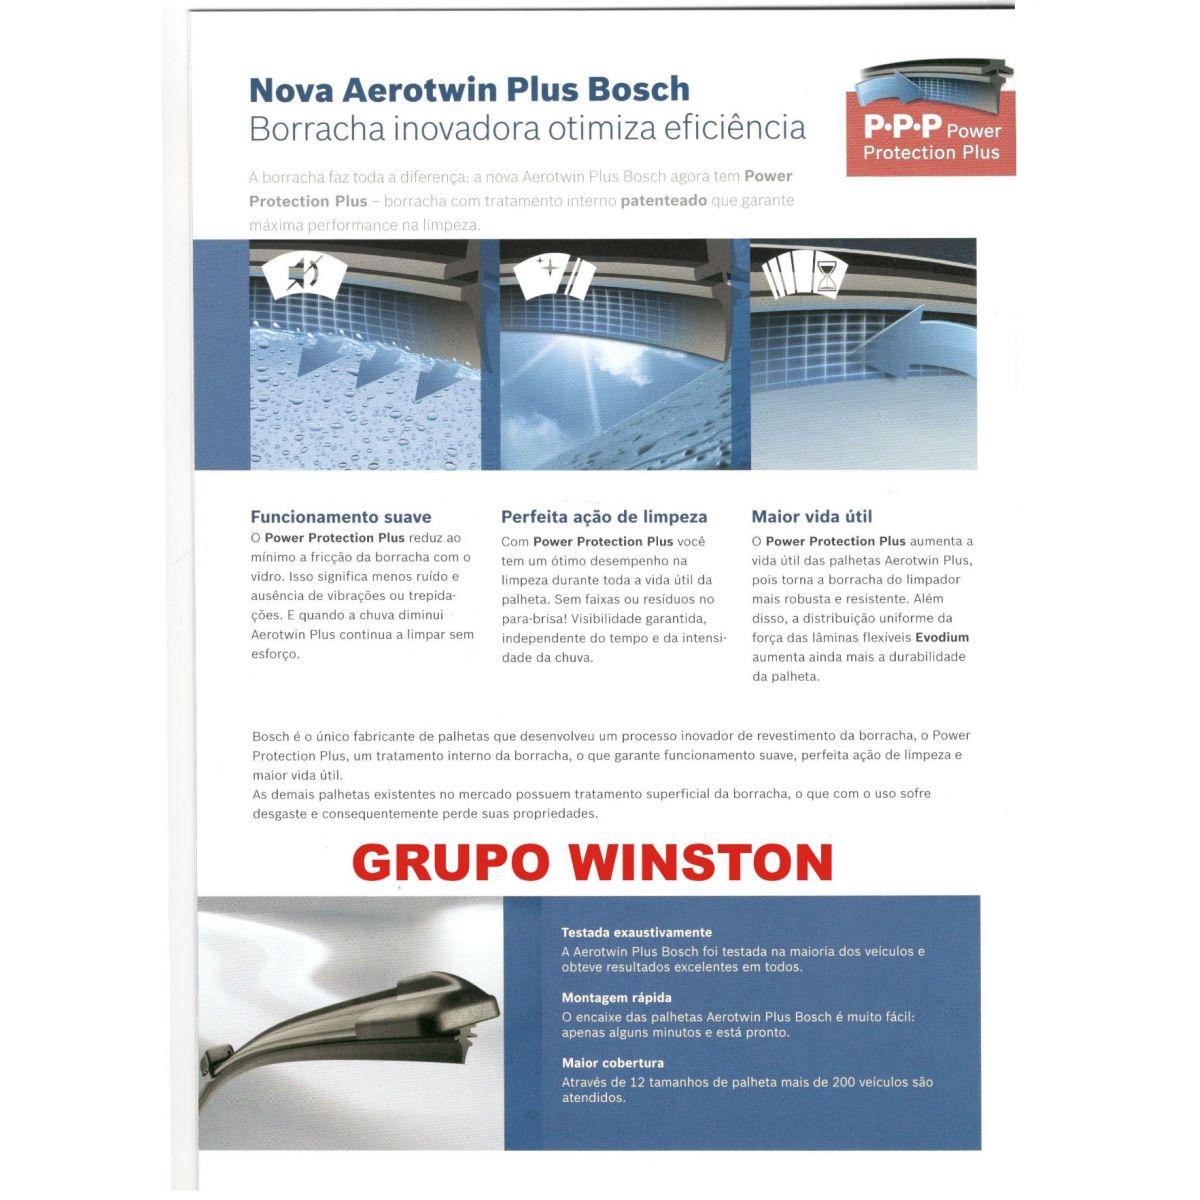 Palheta Bosch Aerotwin Plus Limpador de para brisa Bosch Peugeot 508 ano 2012 em diante RCZ ano 2011 em diante